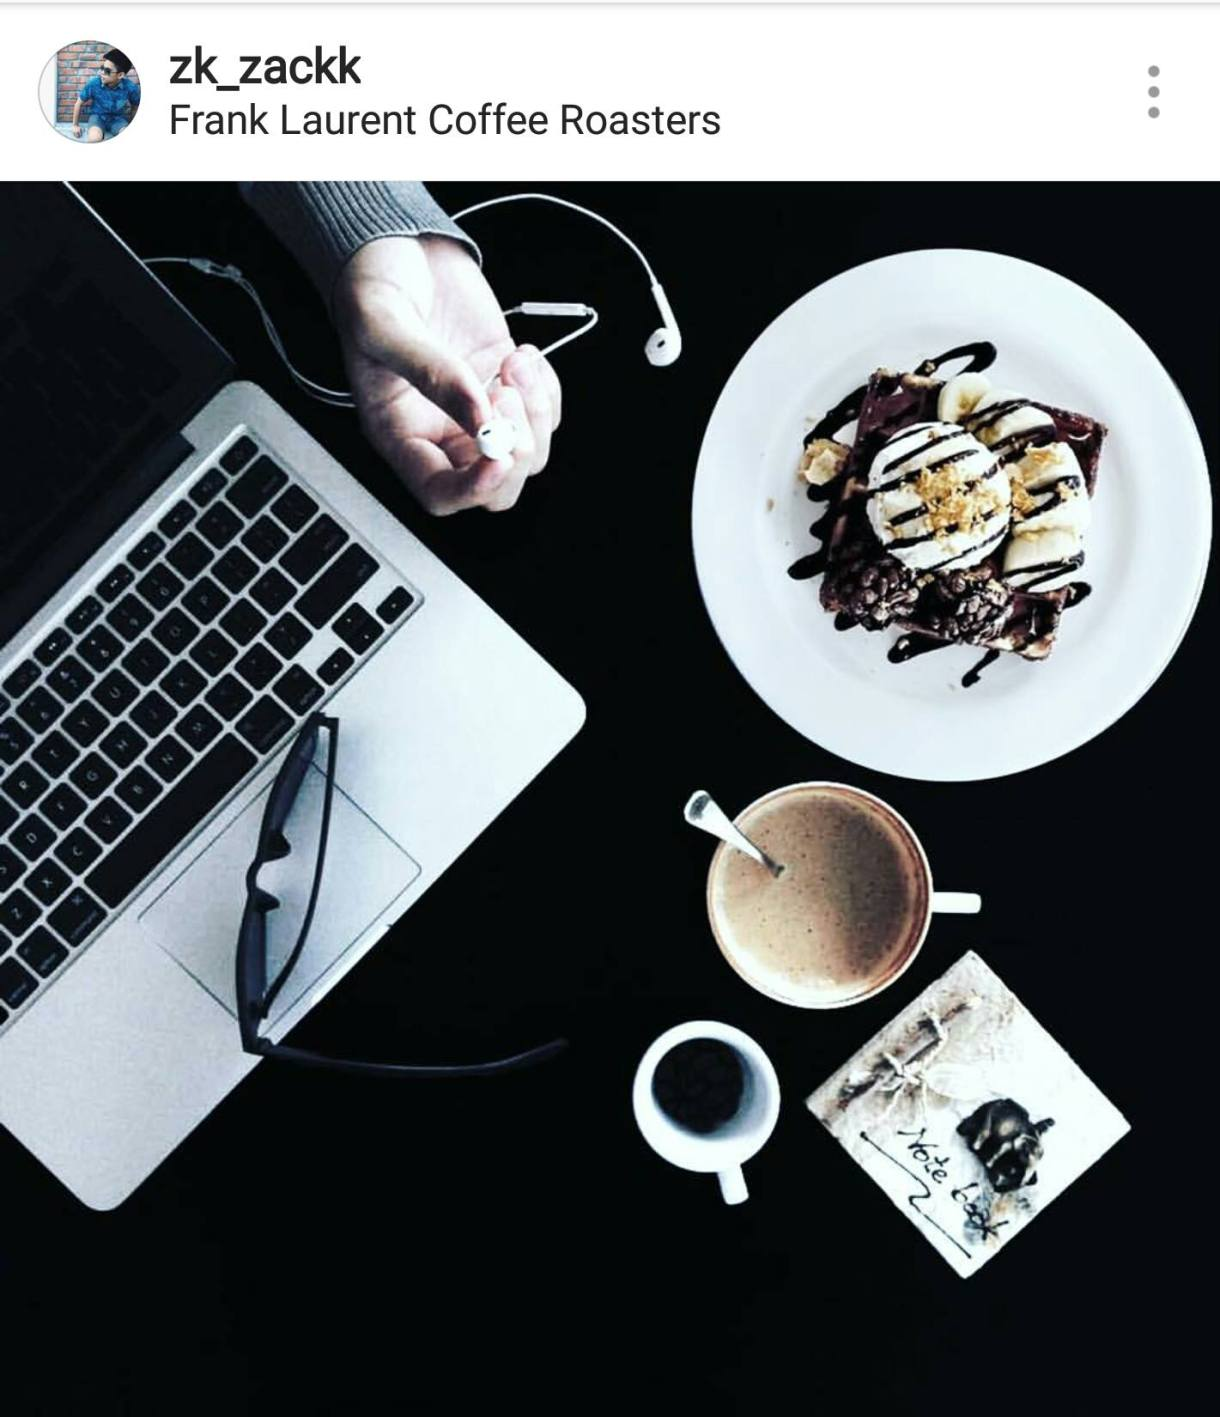 best cafe penang frank laurent coffee roasters